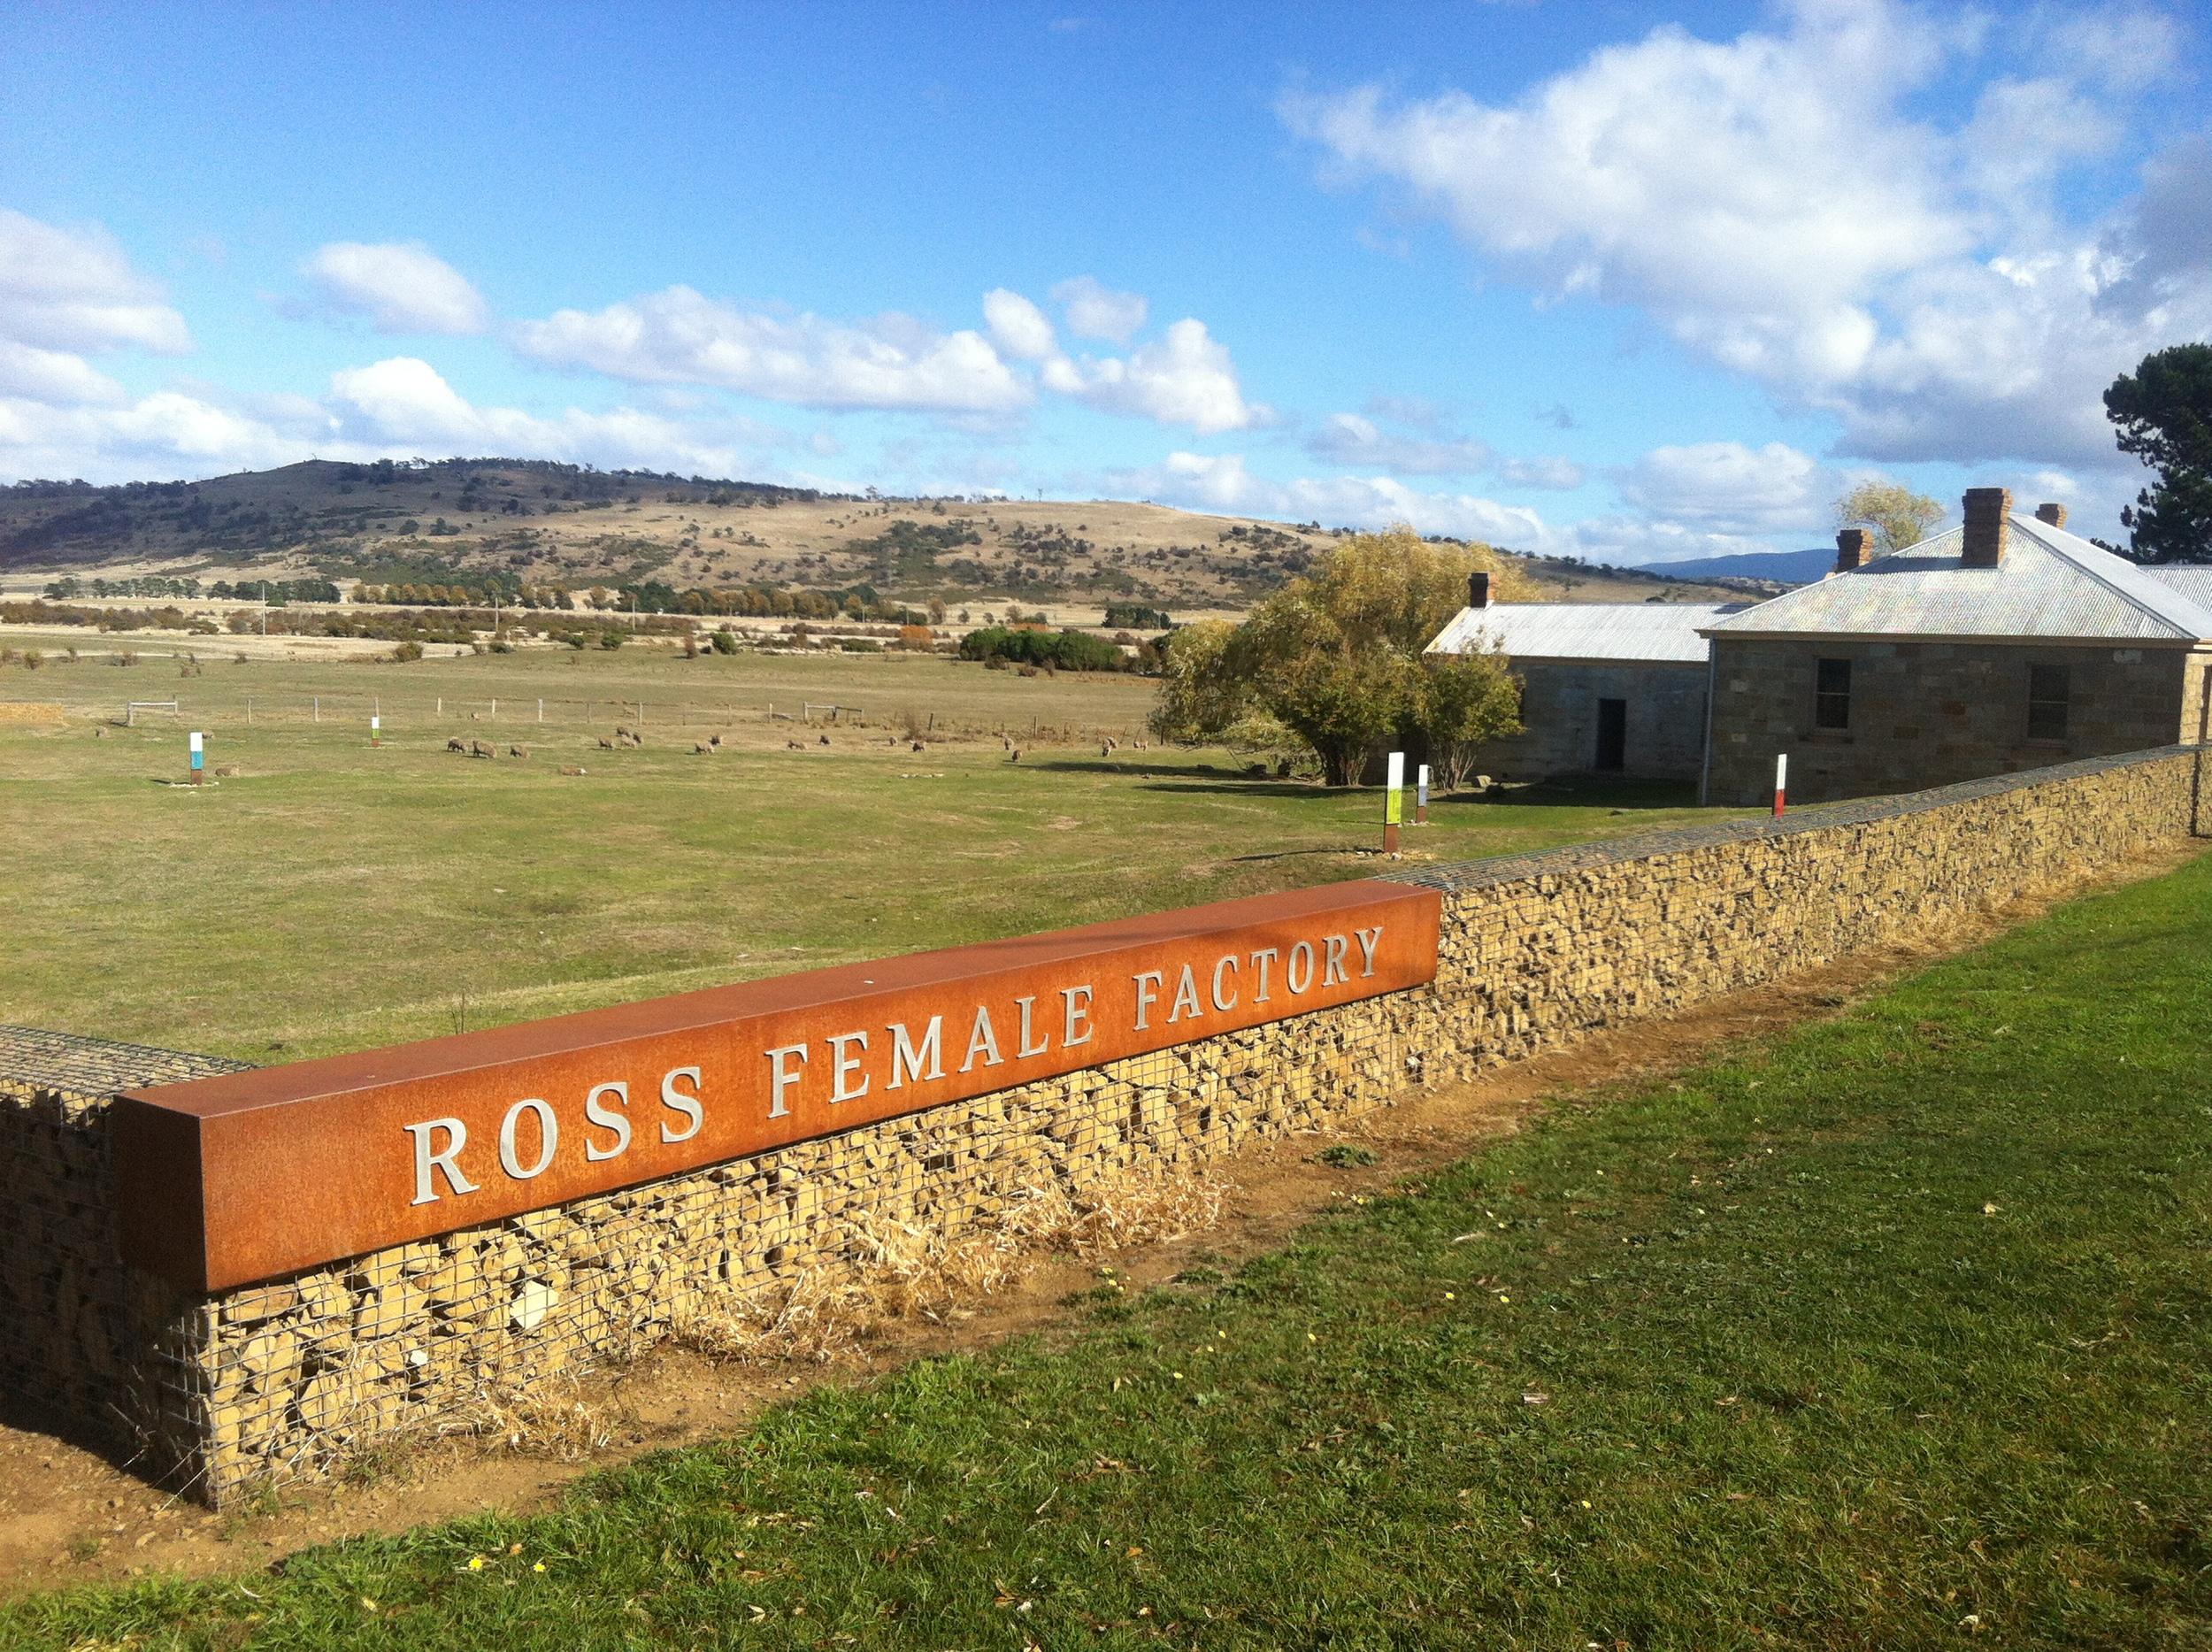 Ross Female Factory.